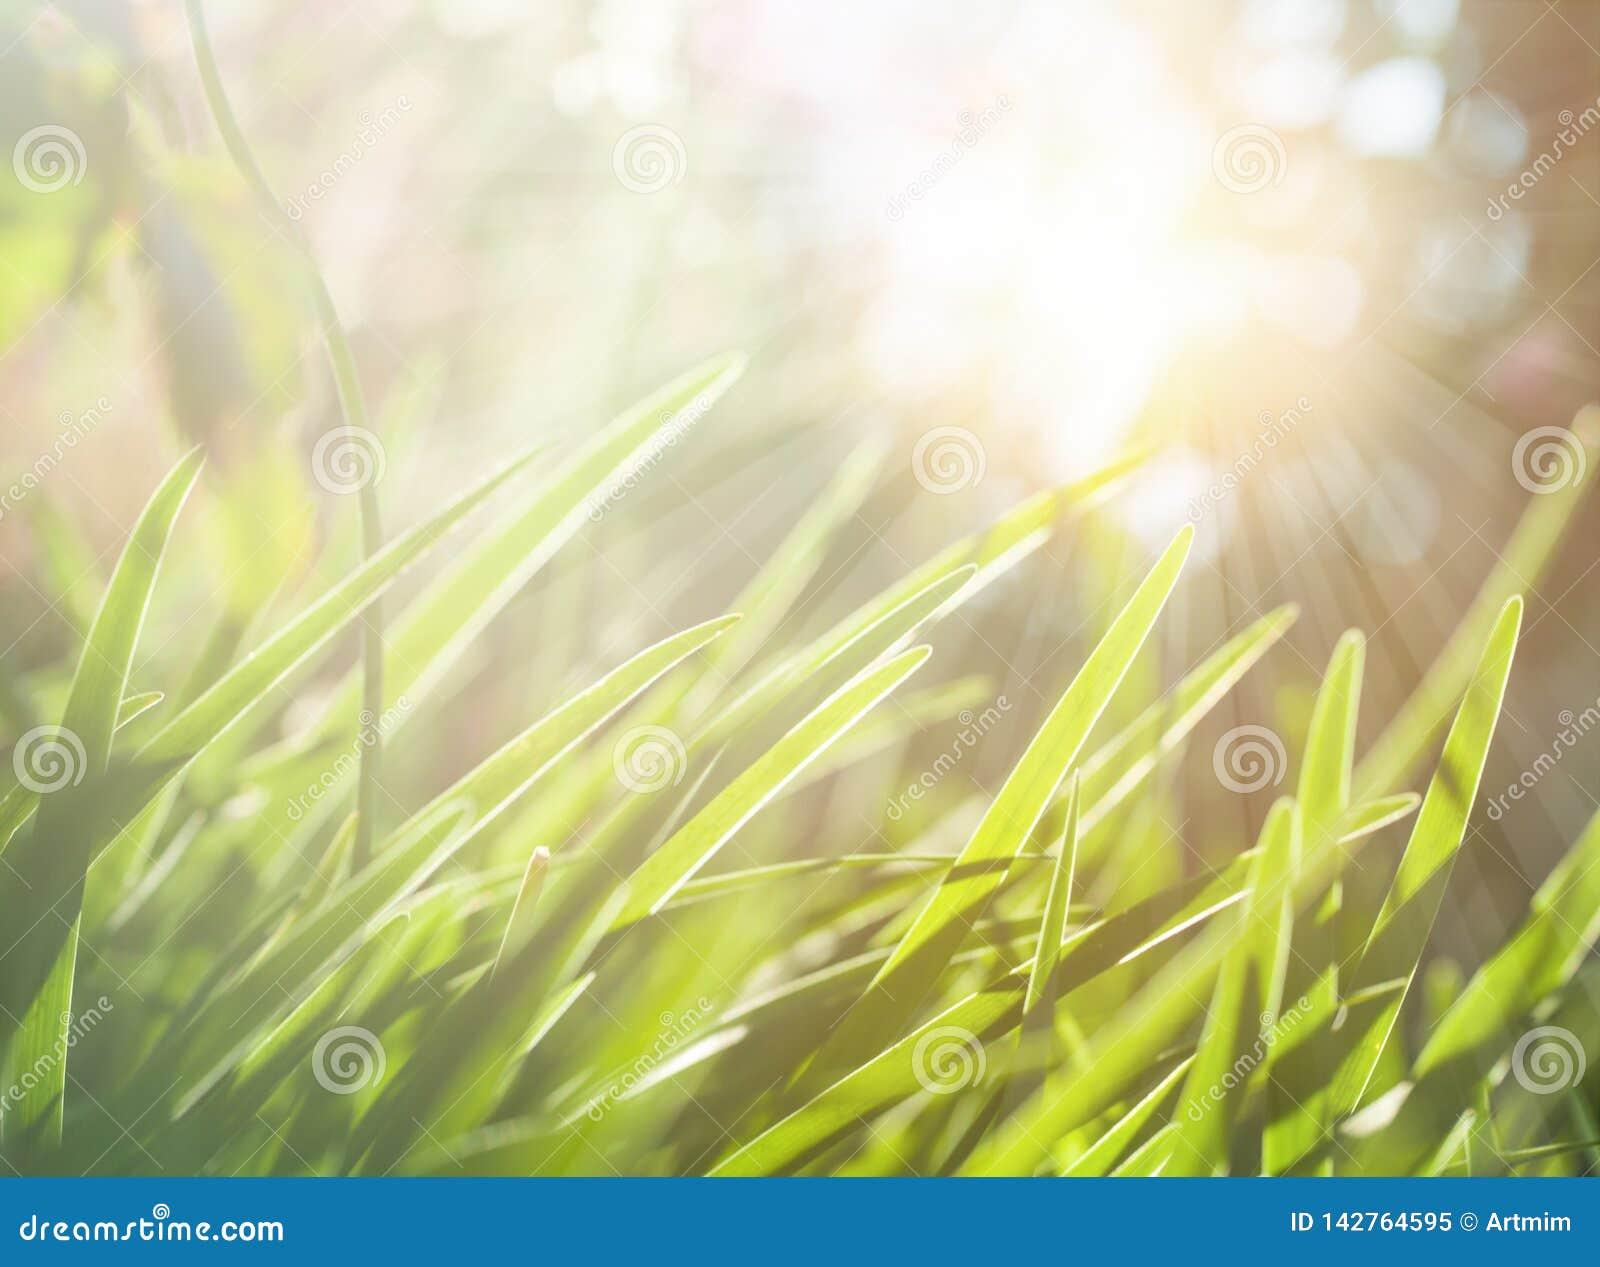 Fondo abstracto de la primavera o de la naturaleza del verano con el prado de la hierba verde